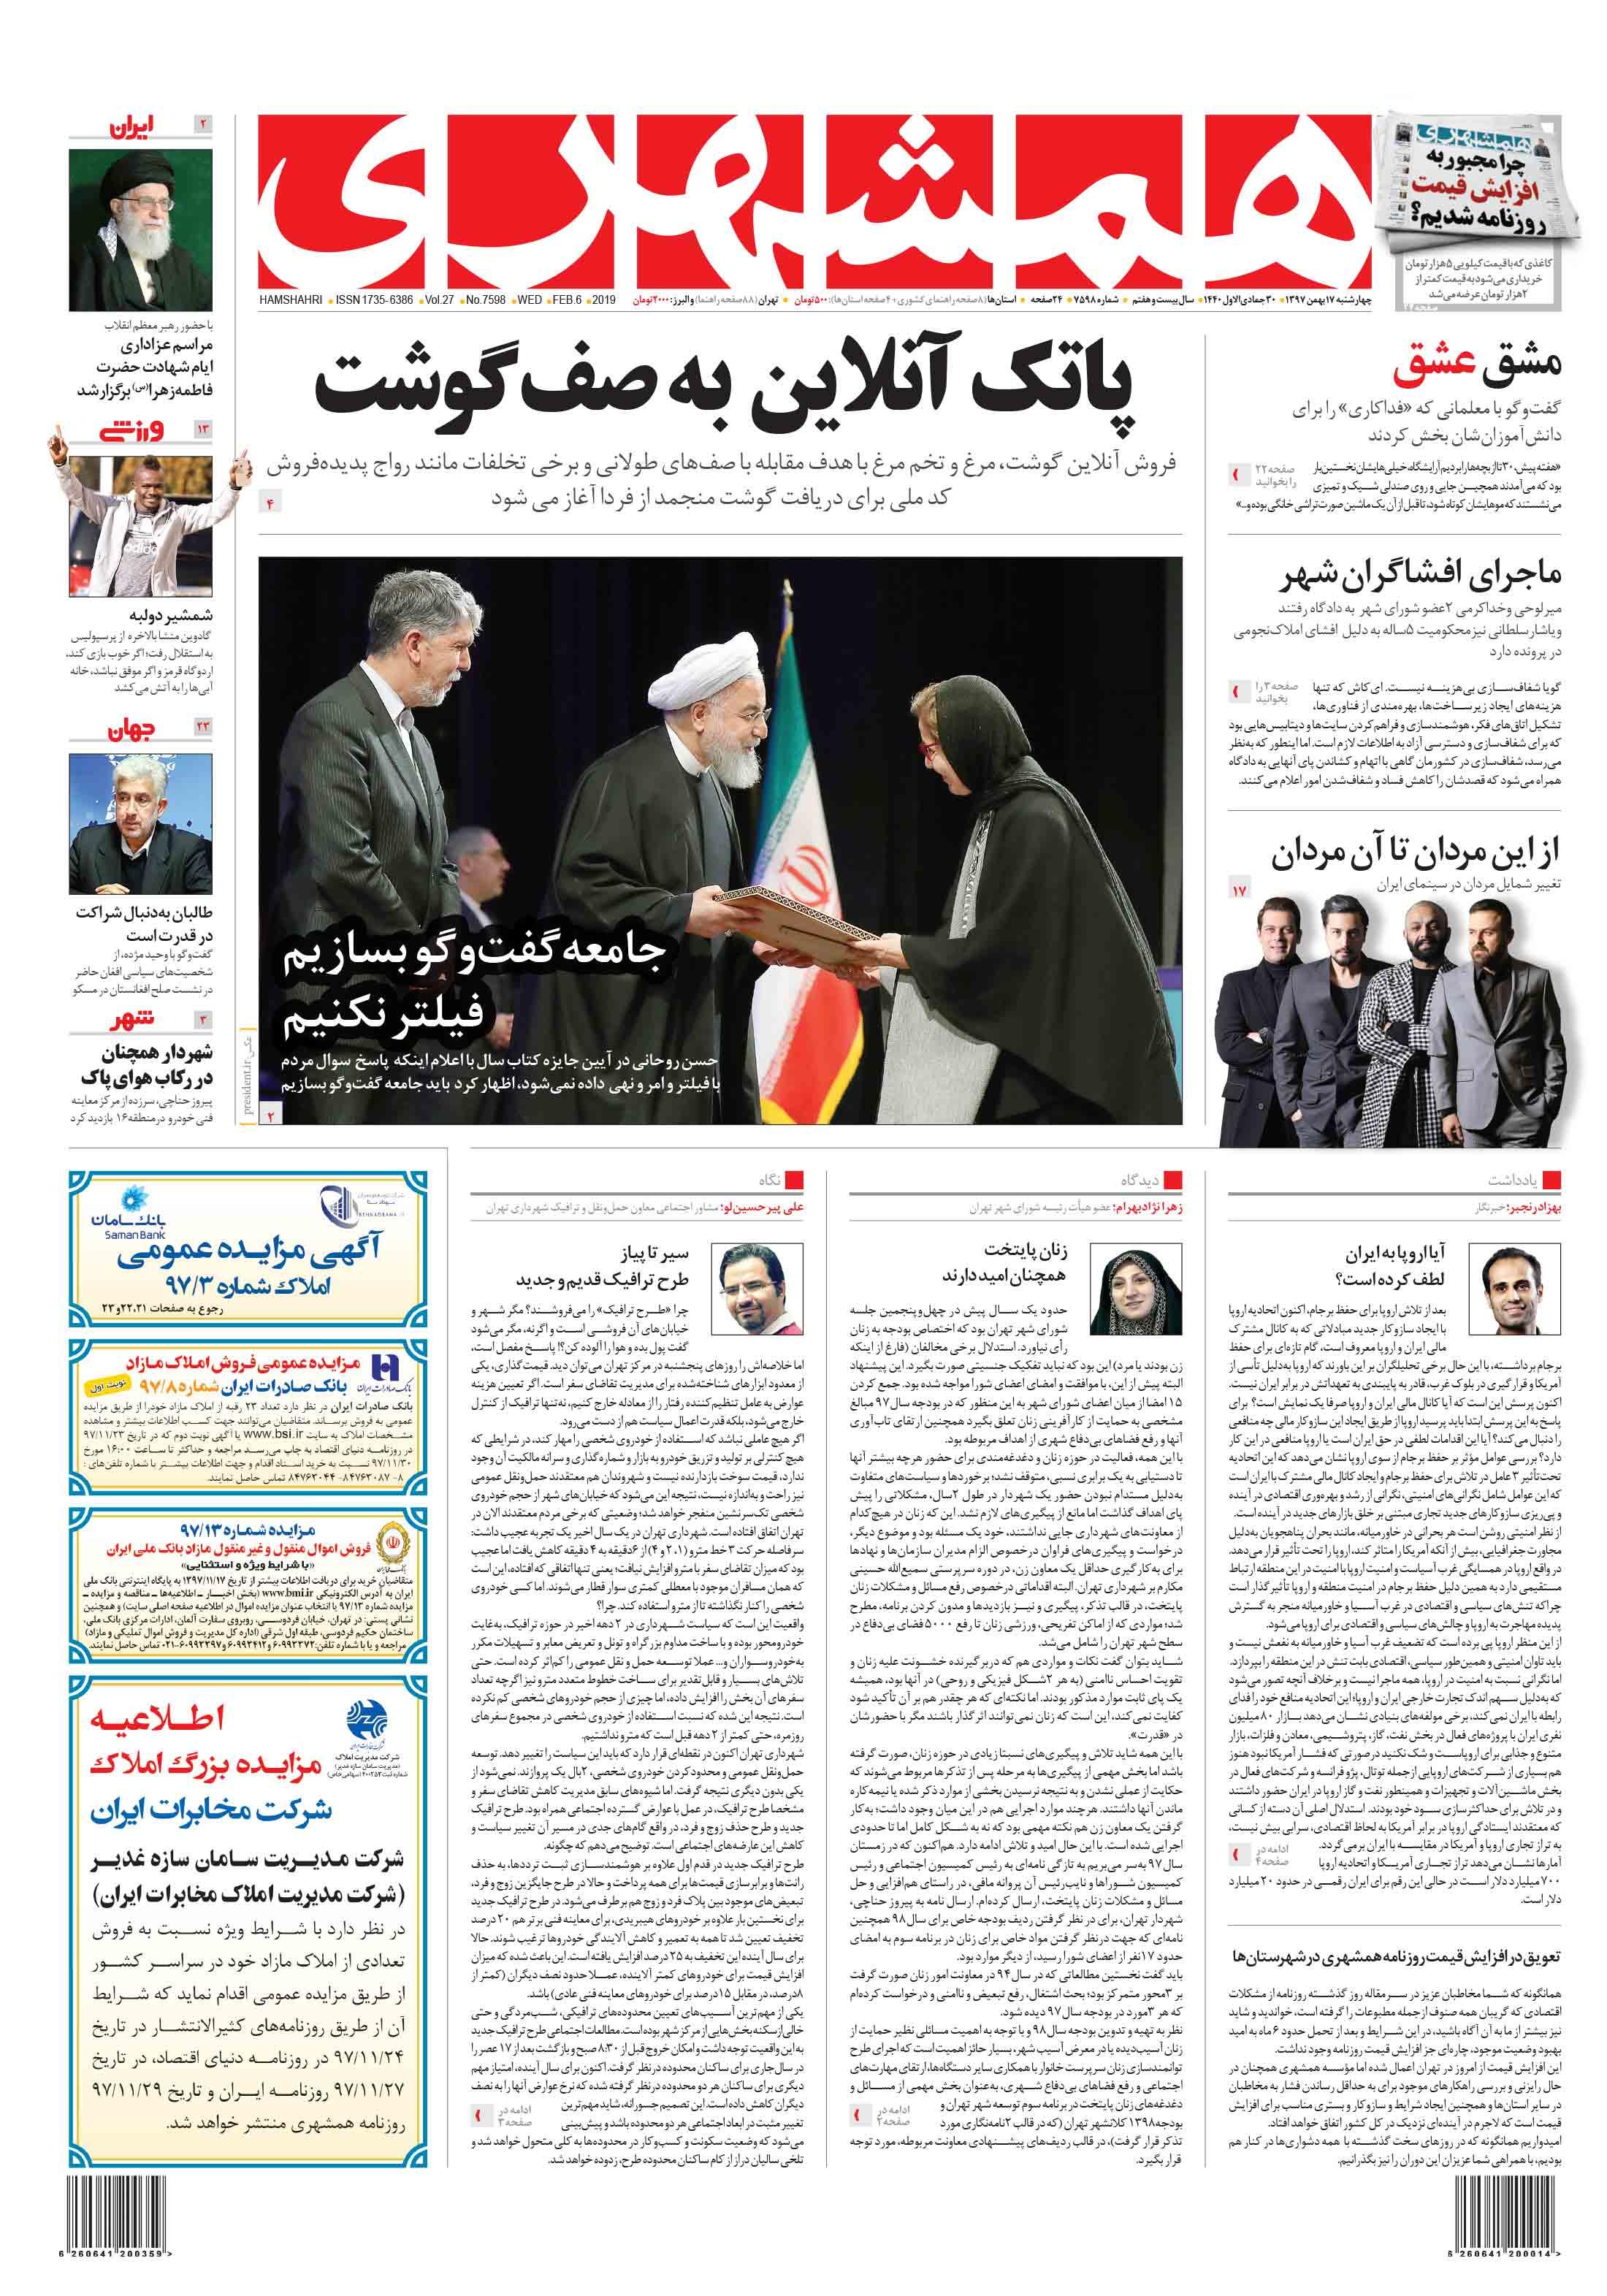 صفحه اول چهارشنبه 17 بهمن 1397